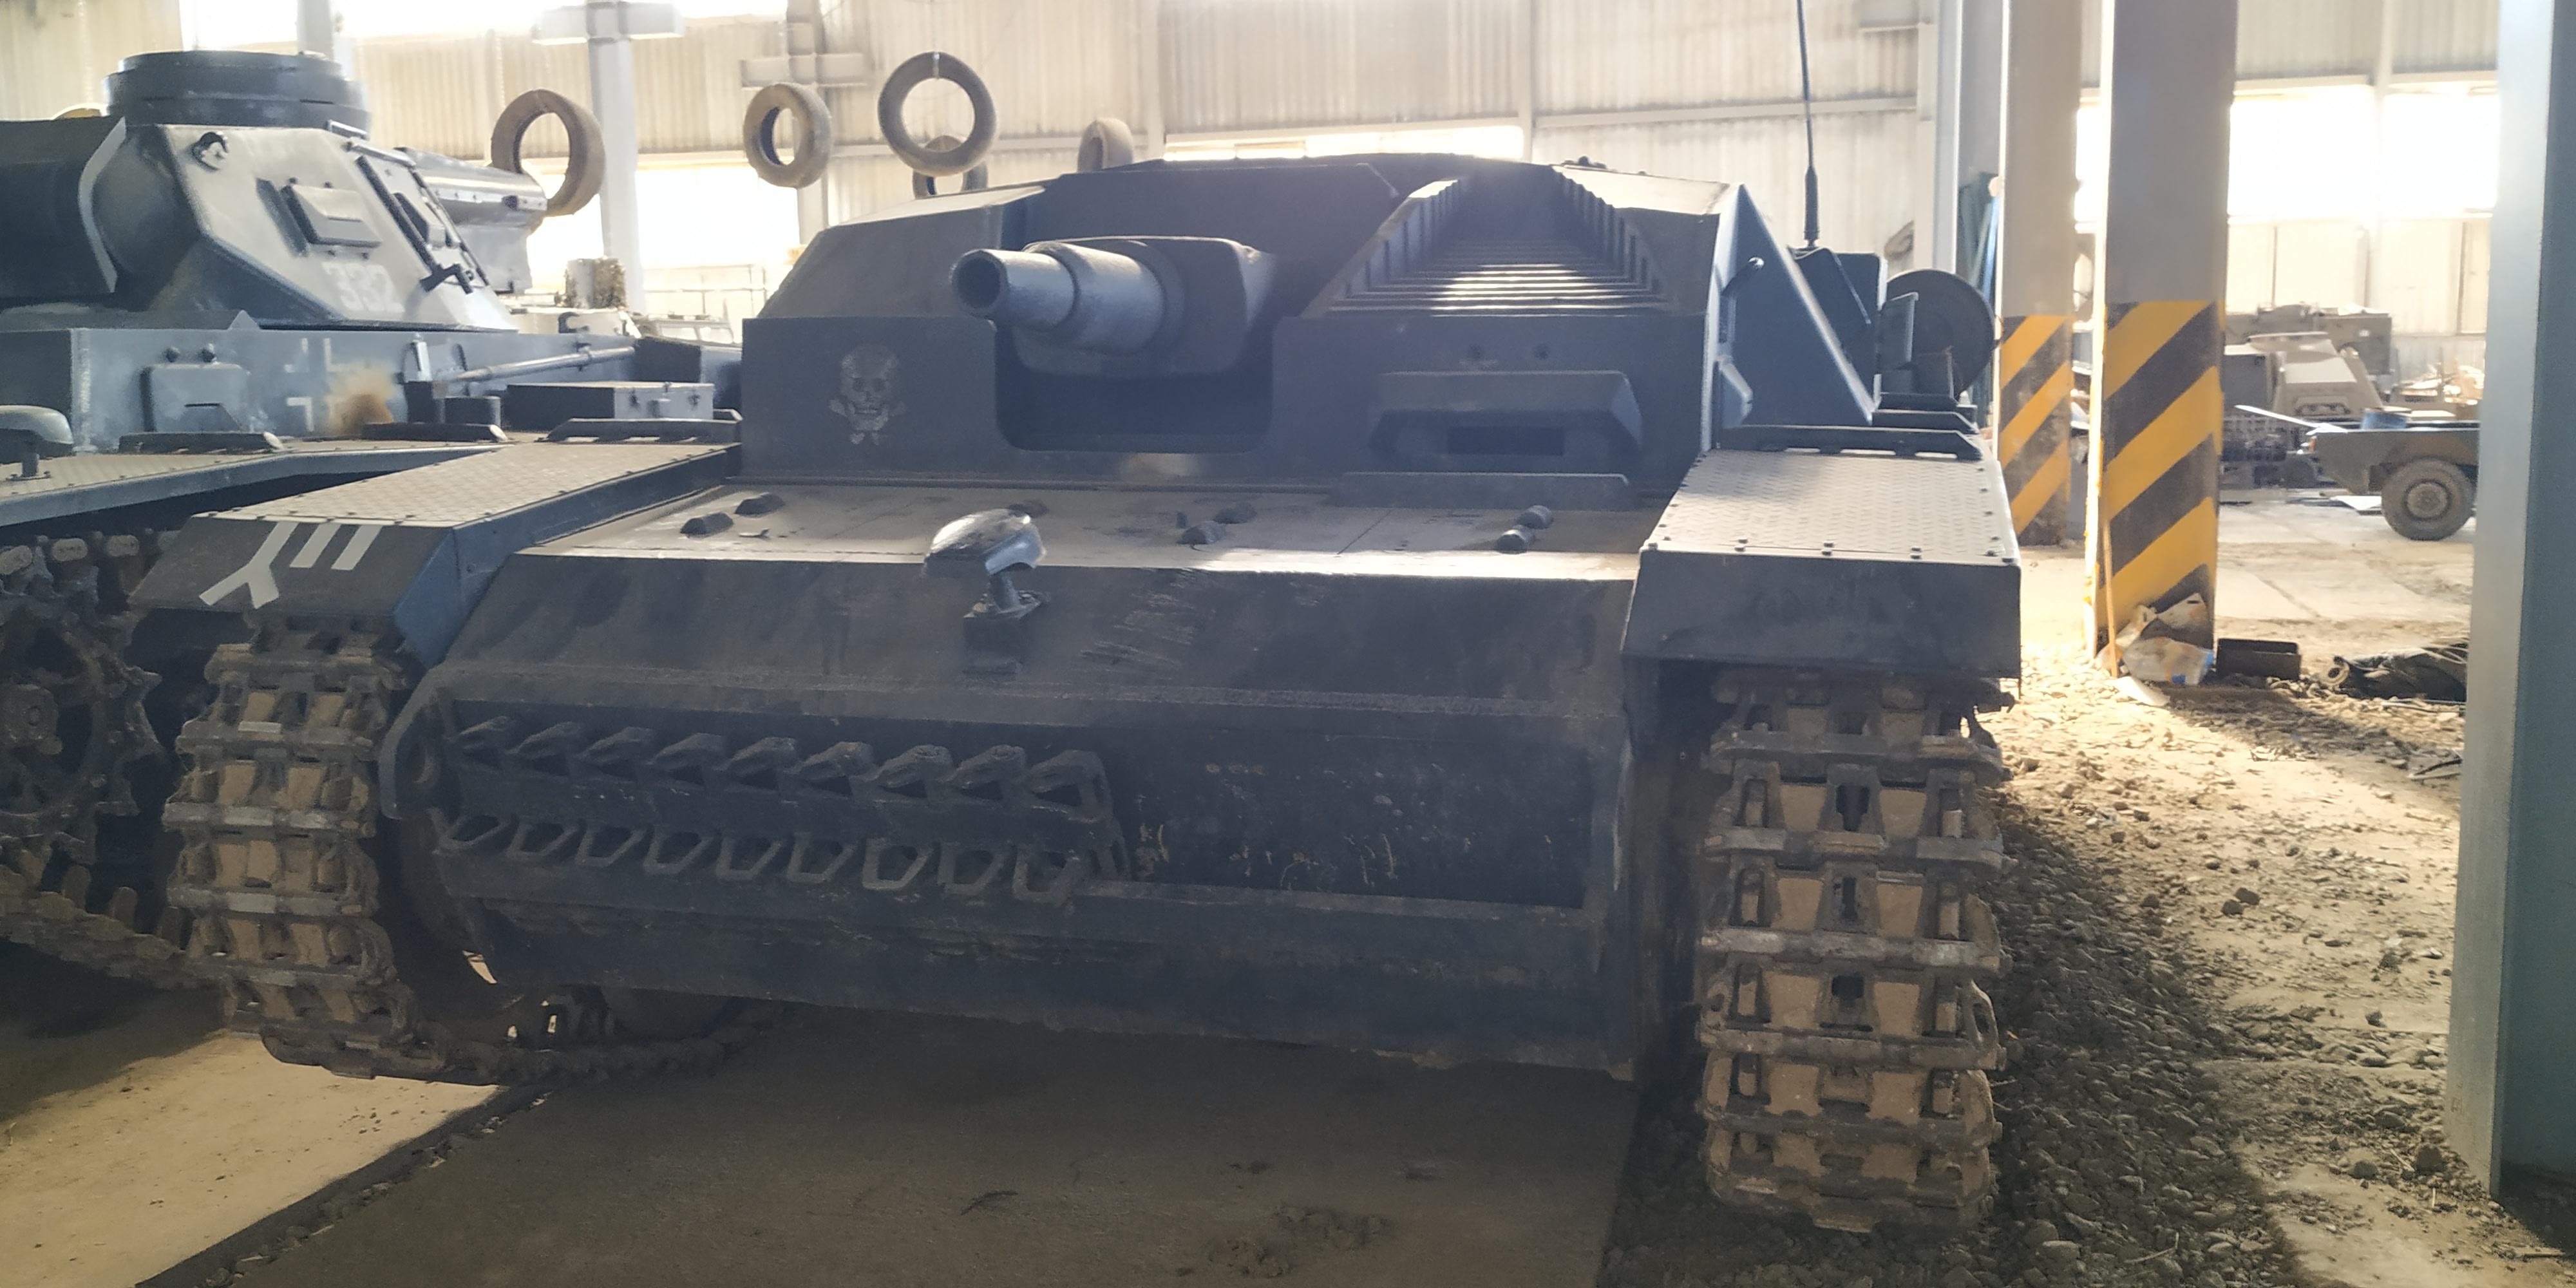 The Churchill Tank Russia